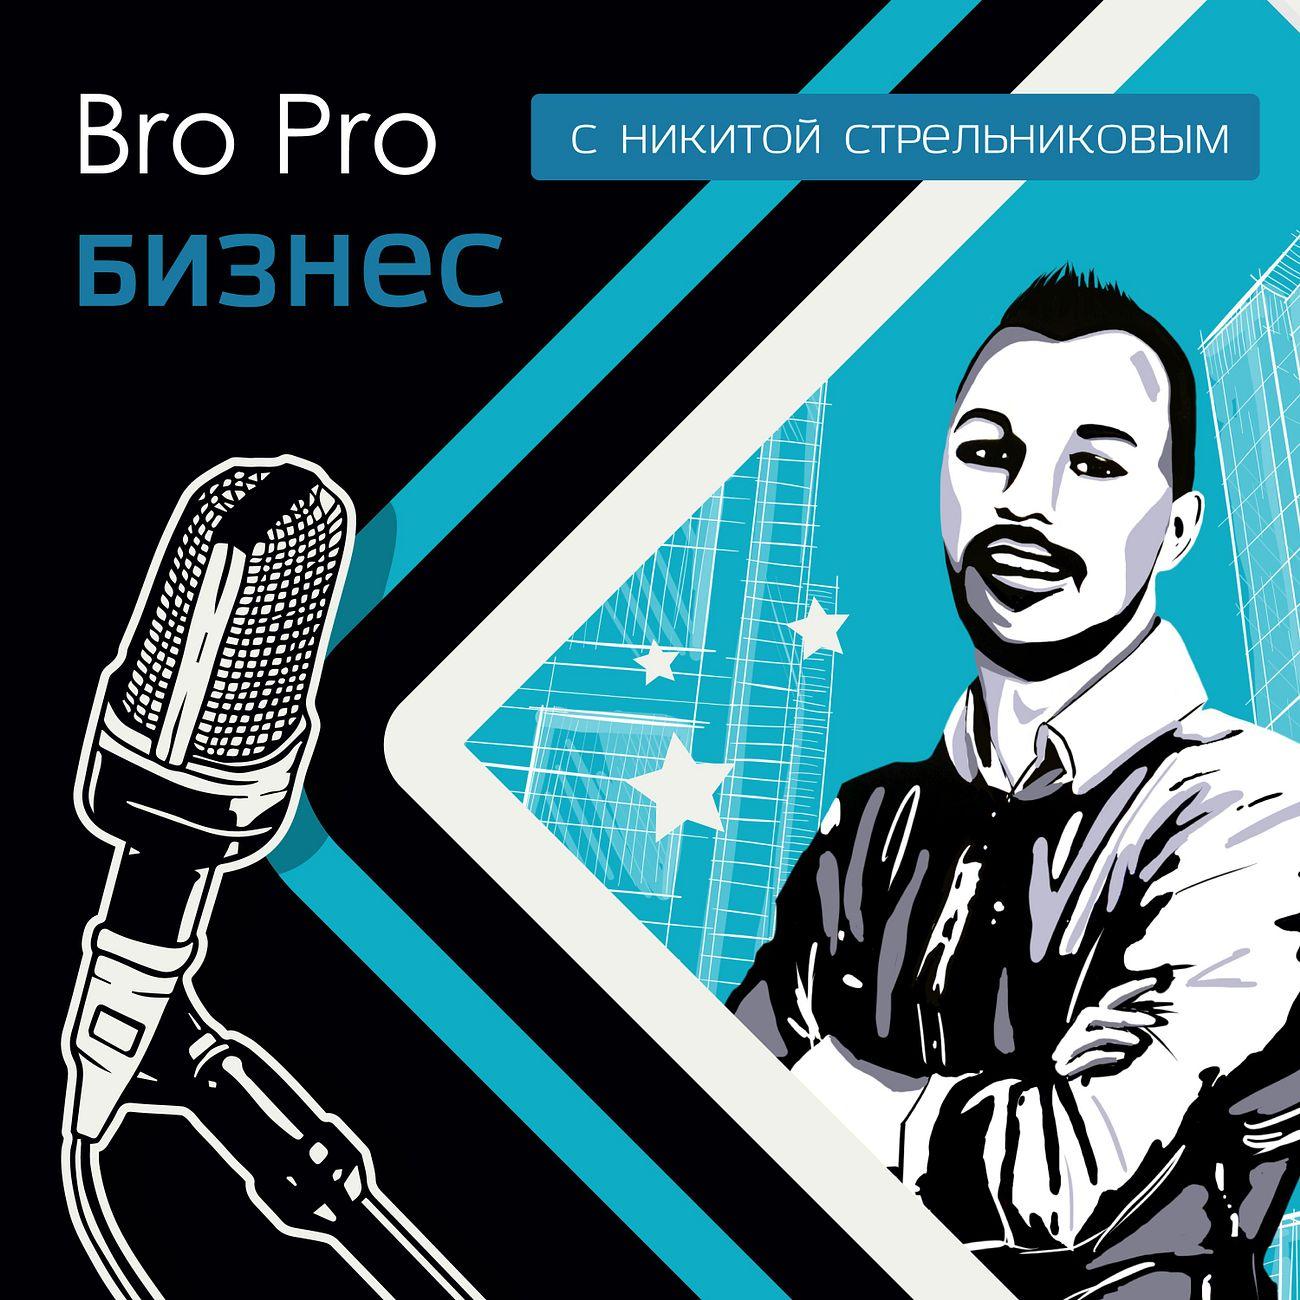 Bro Pro Бизнес